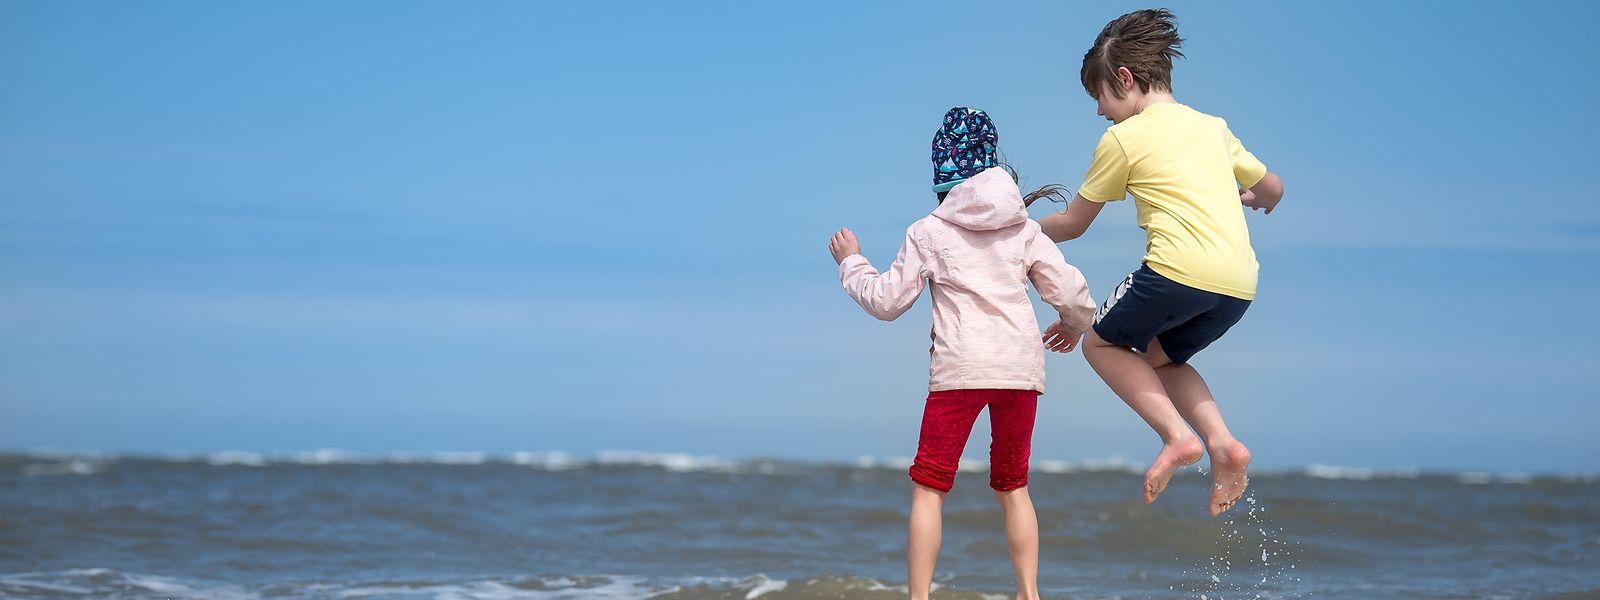 Für viele Europäer ist derzeit unklar, wo sie Urlaub machen können.